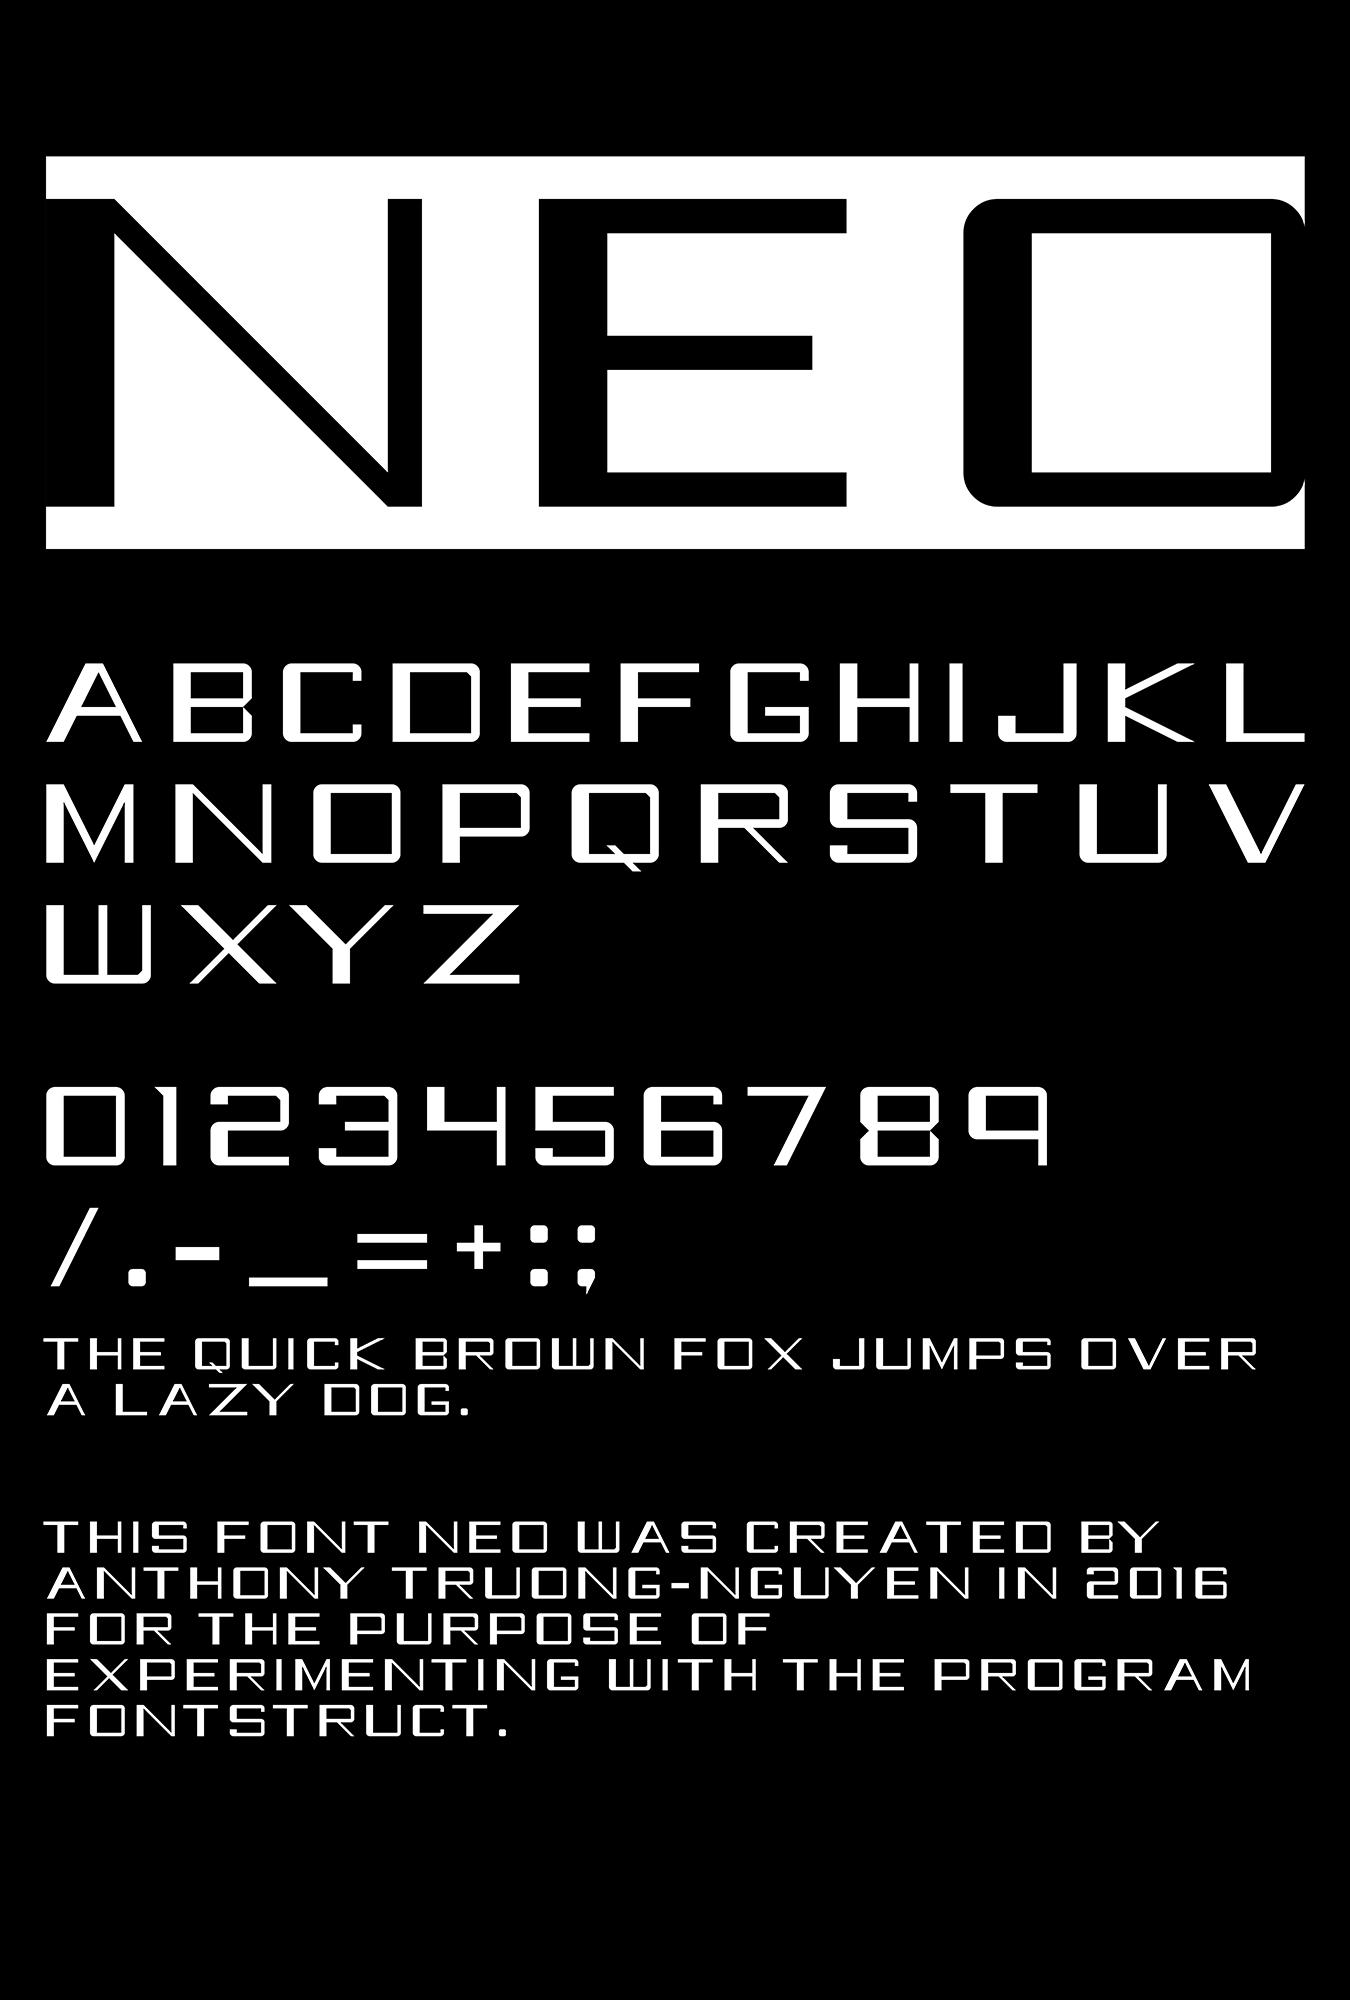 Typography I: Type Specimen Poster